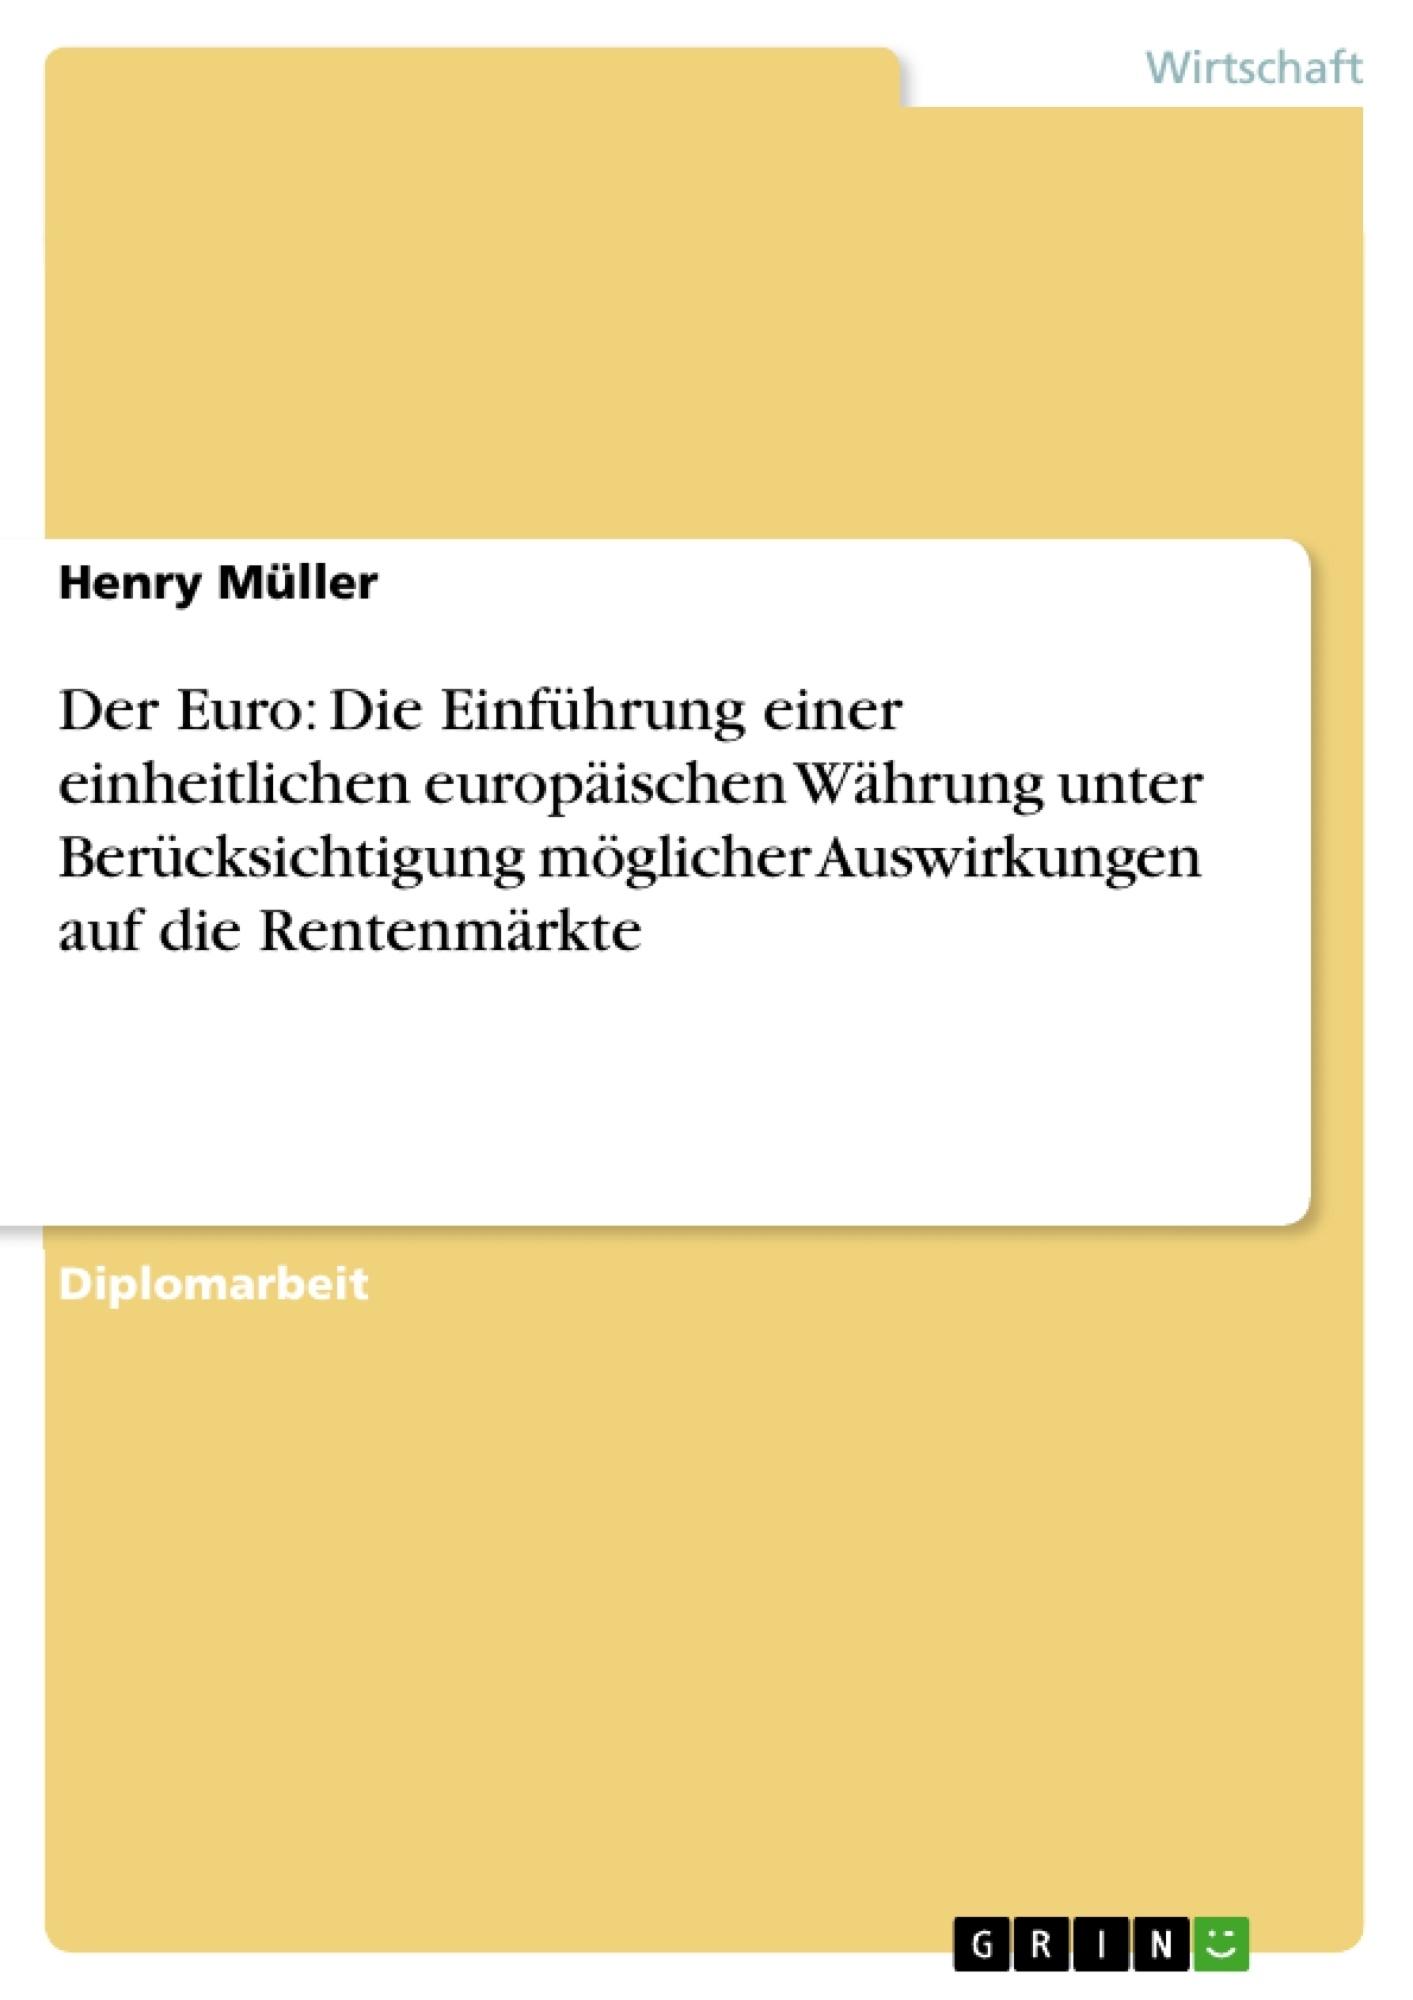 Titel: Der Euro: Die Einführung einer einheitlichen europäischen Währung unter Berücksichtigung möglicher Auswirkungen auf die Rentenmärkte